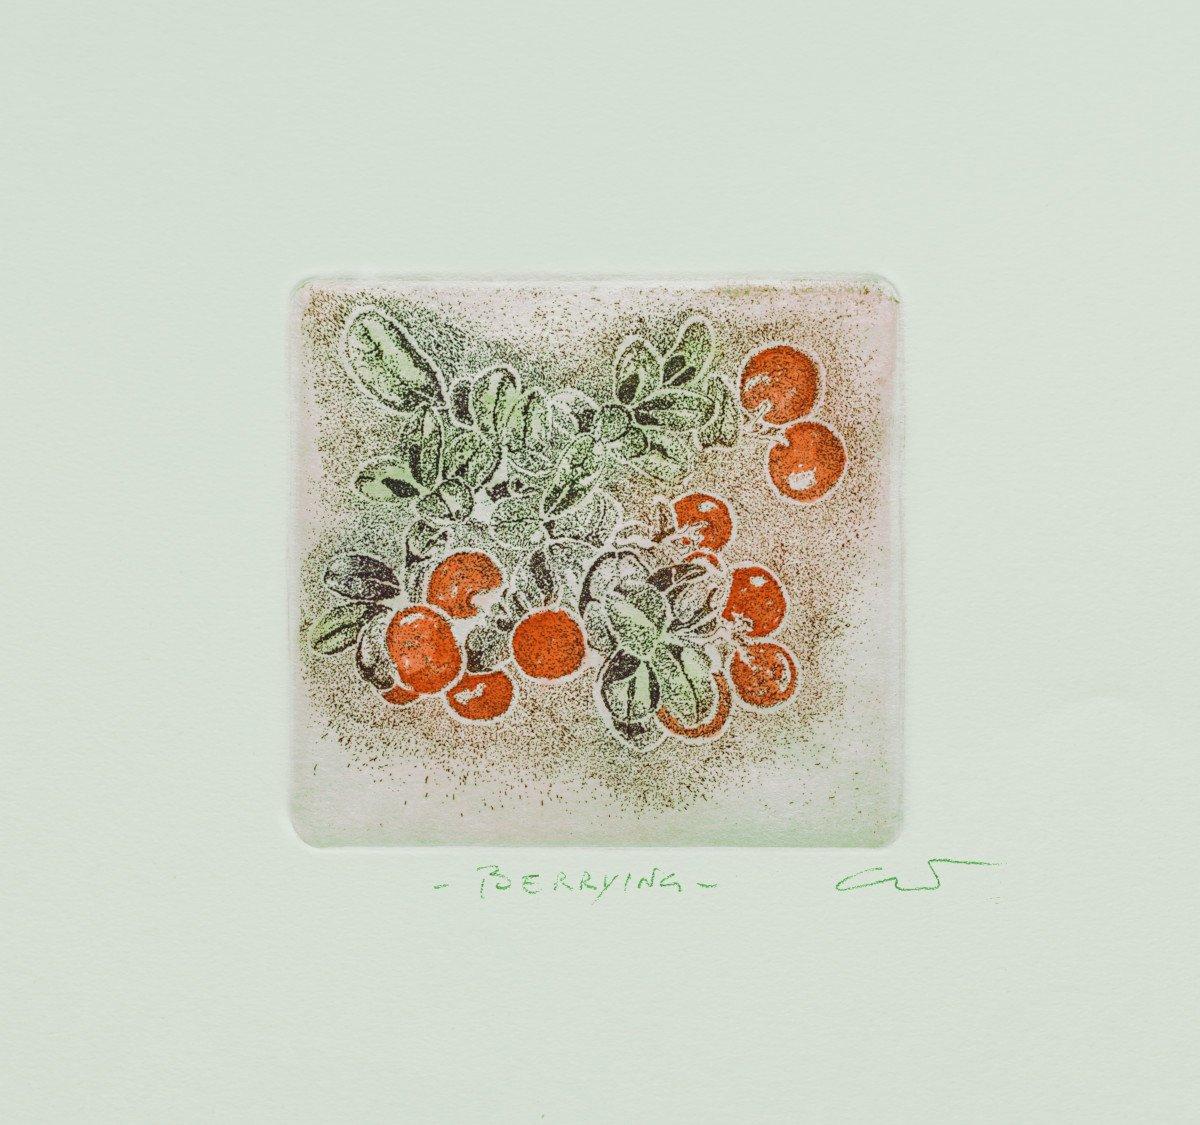 Berrying: TyttebærB